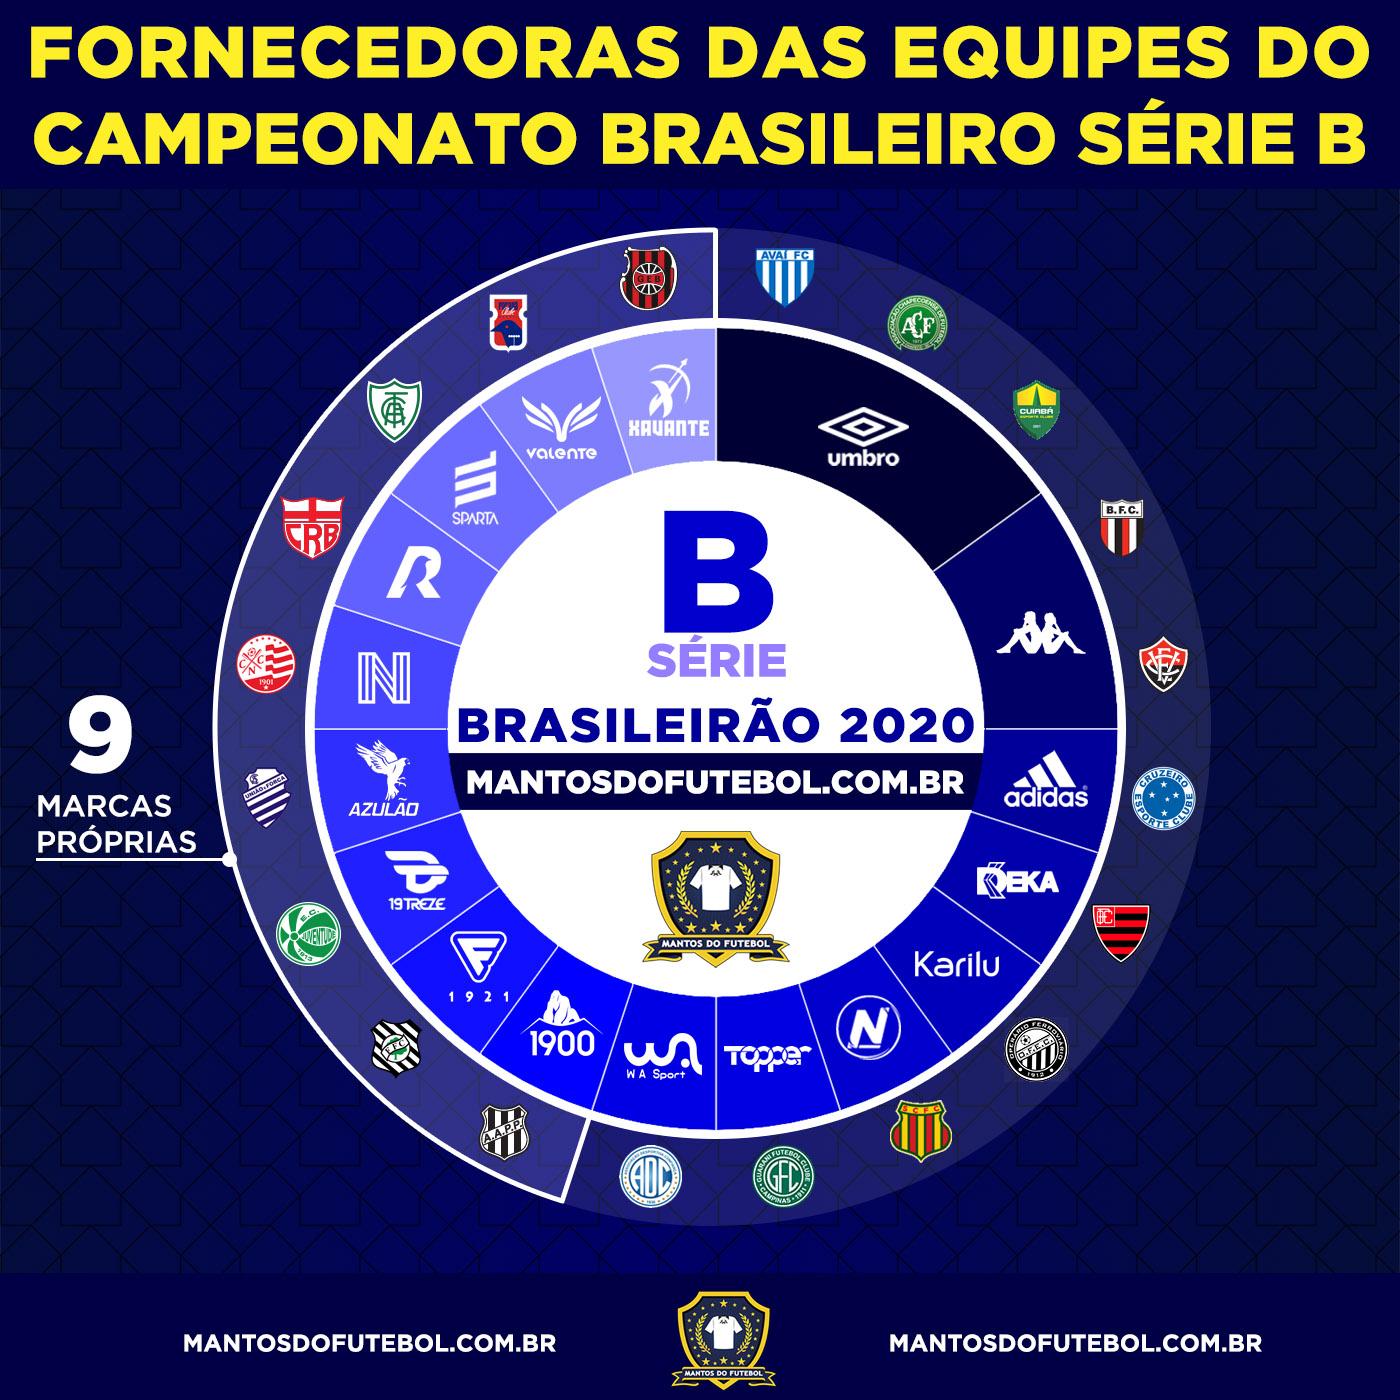 Fornecedoras Do Brasileirao 2020 Series A B E C Mantos Do Futebol